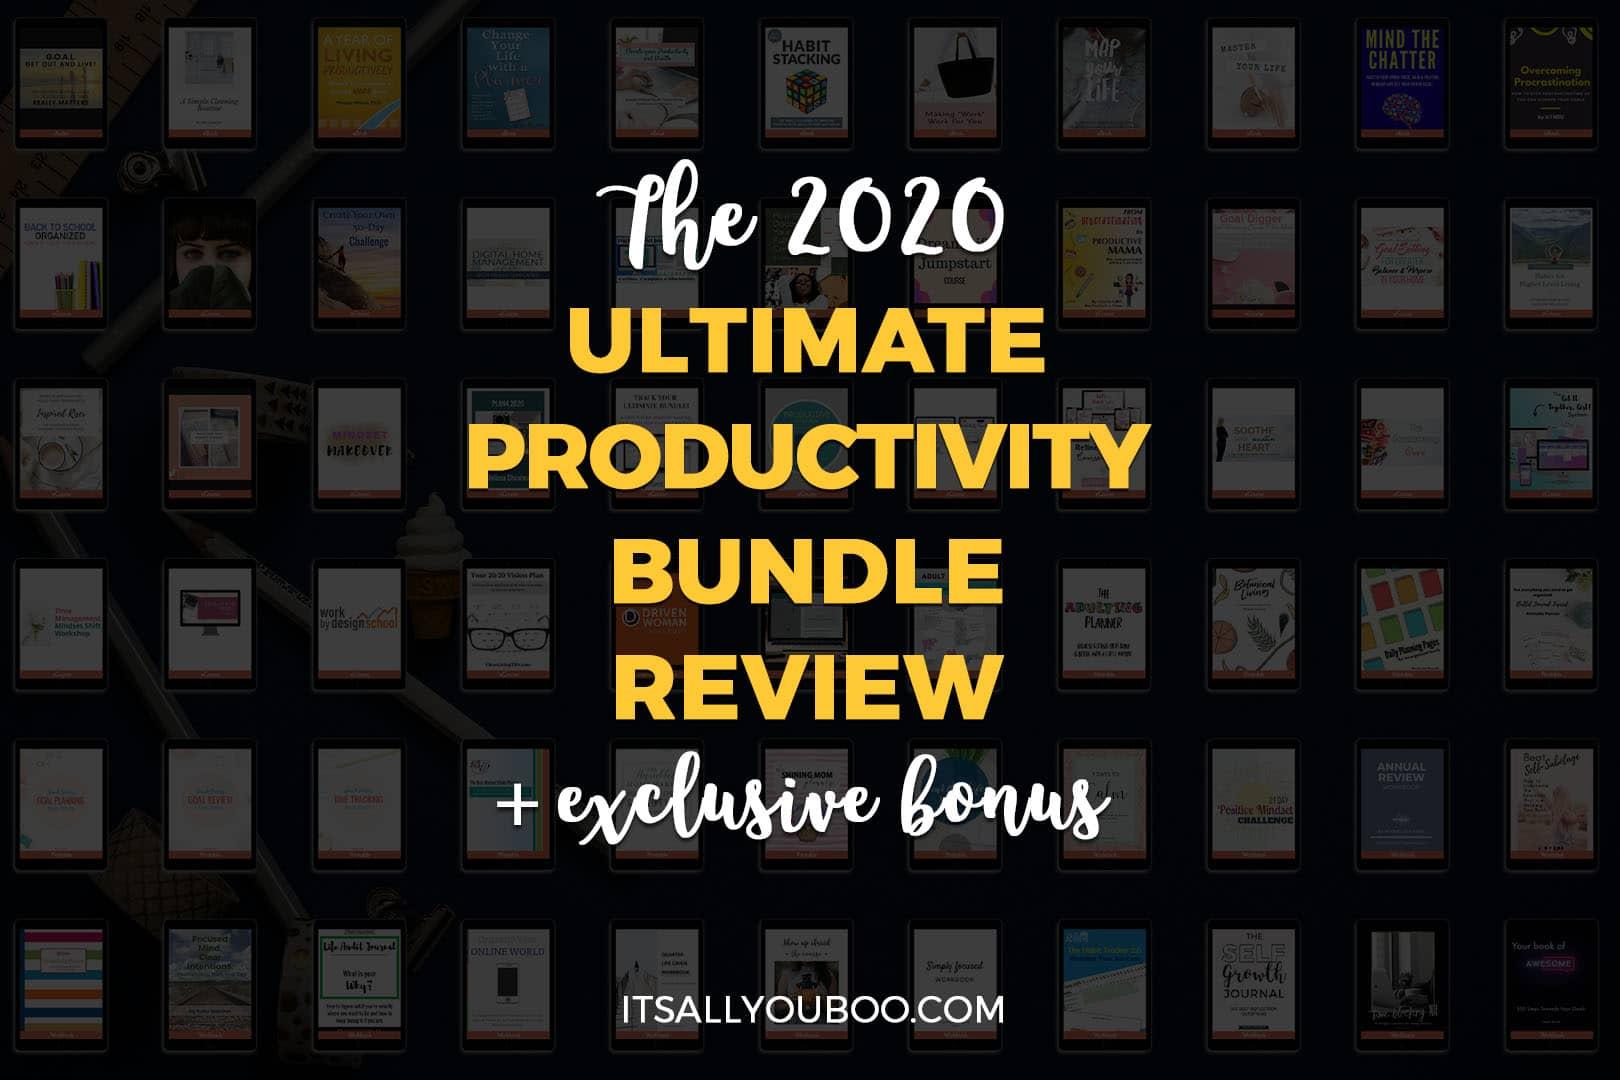 Ultimate Productivity Bundle 2020 Review + Exclusive Bonus